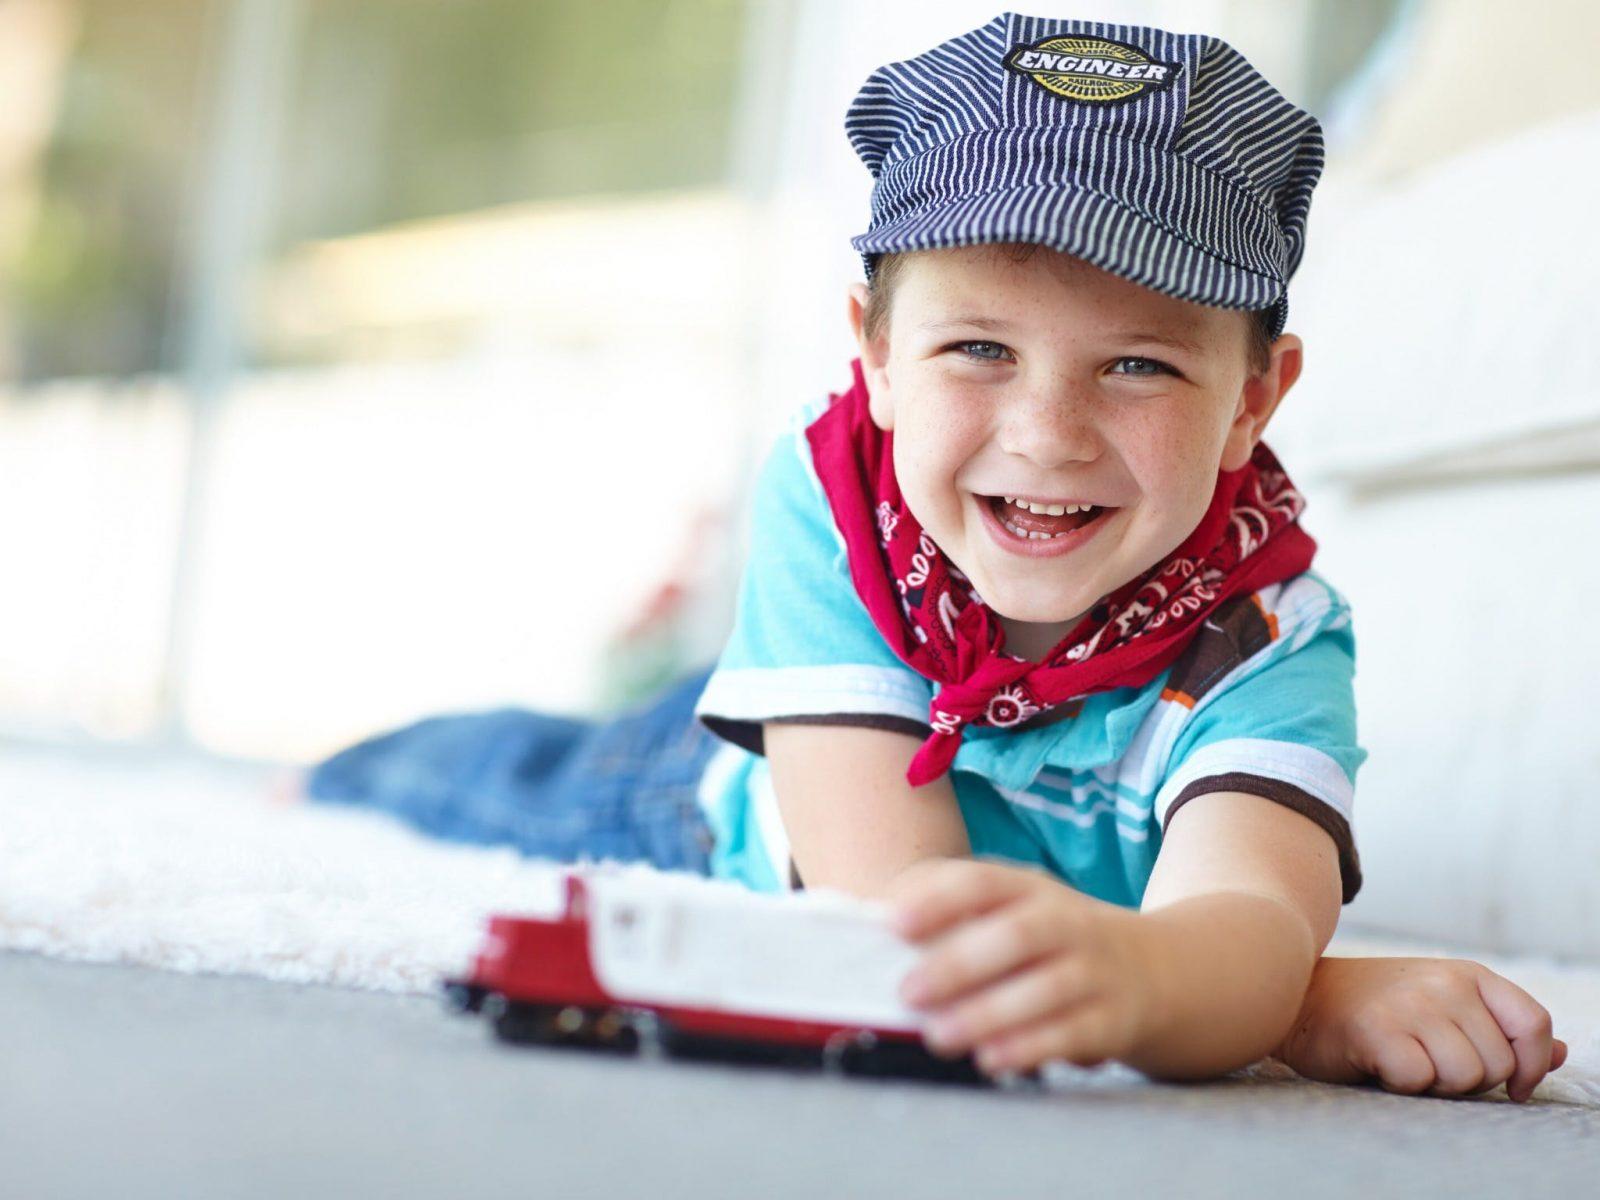 Free train rides with Thomas